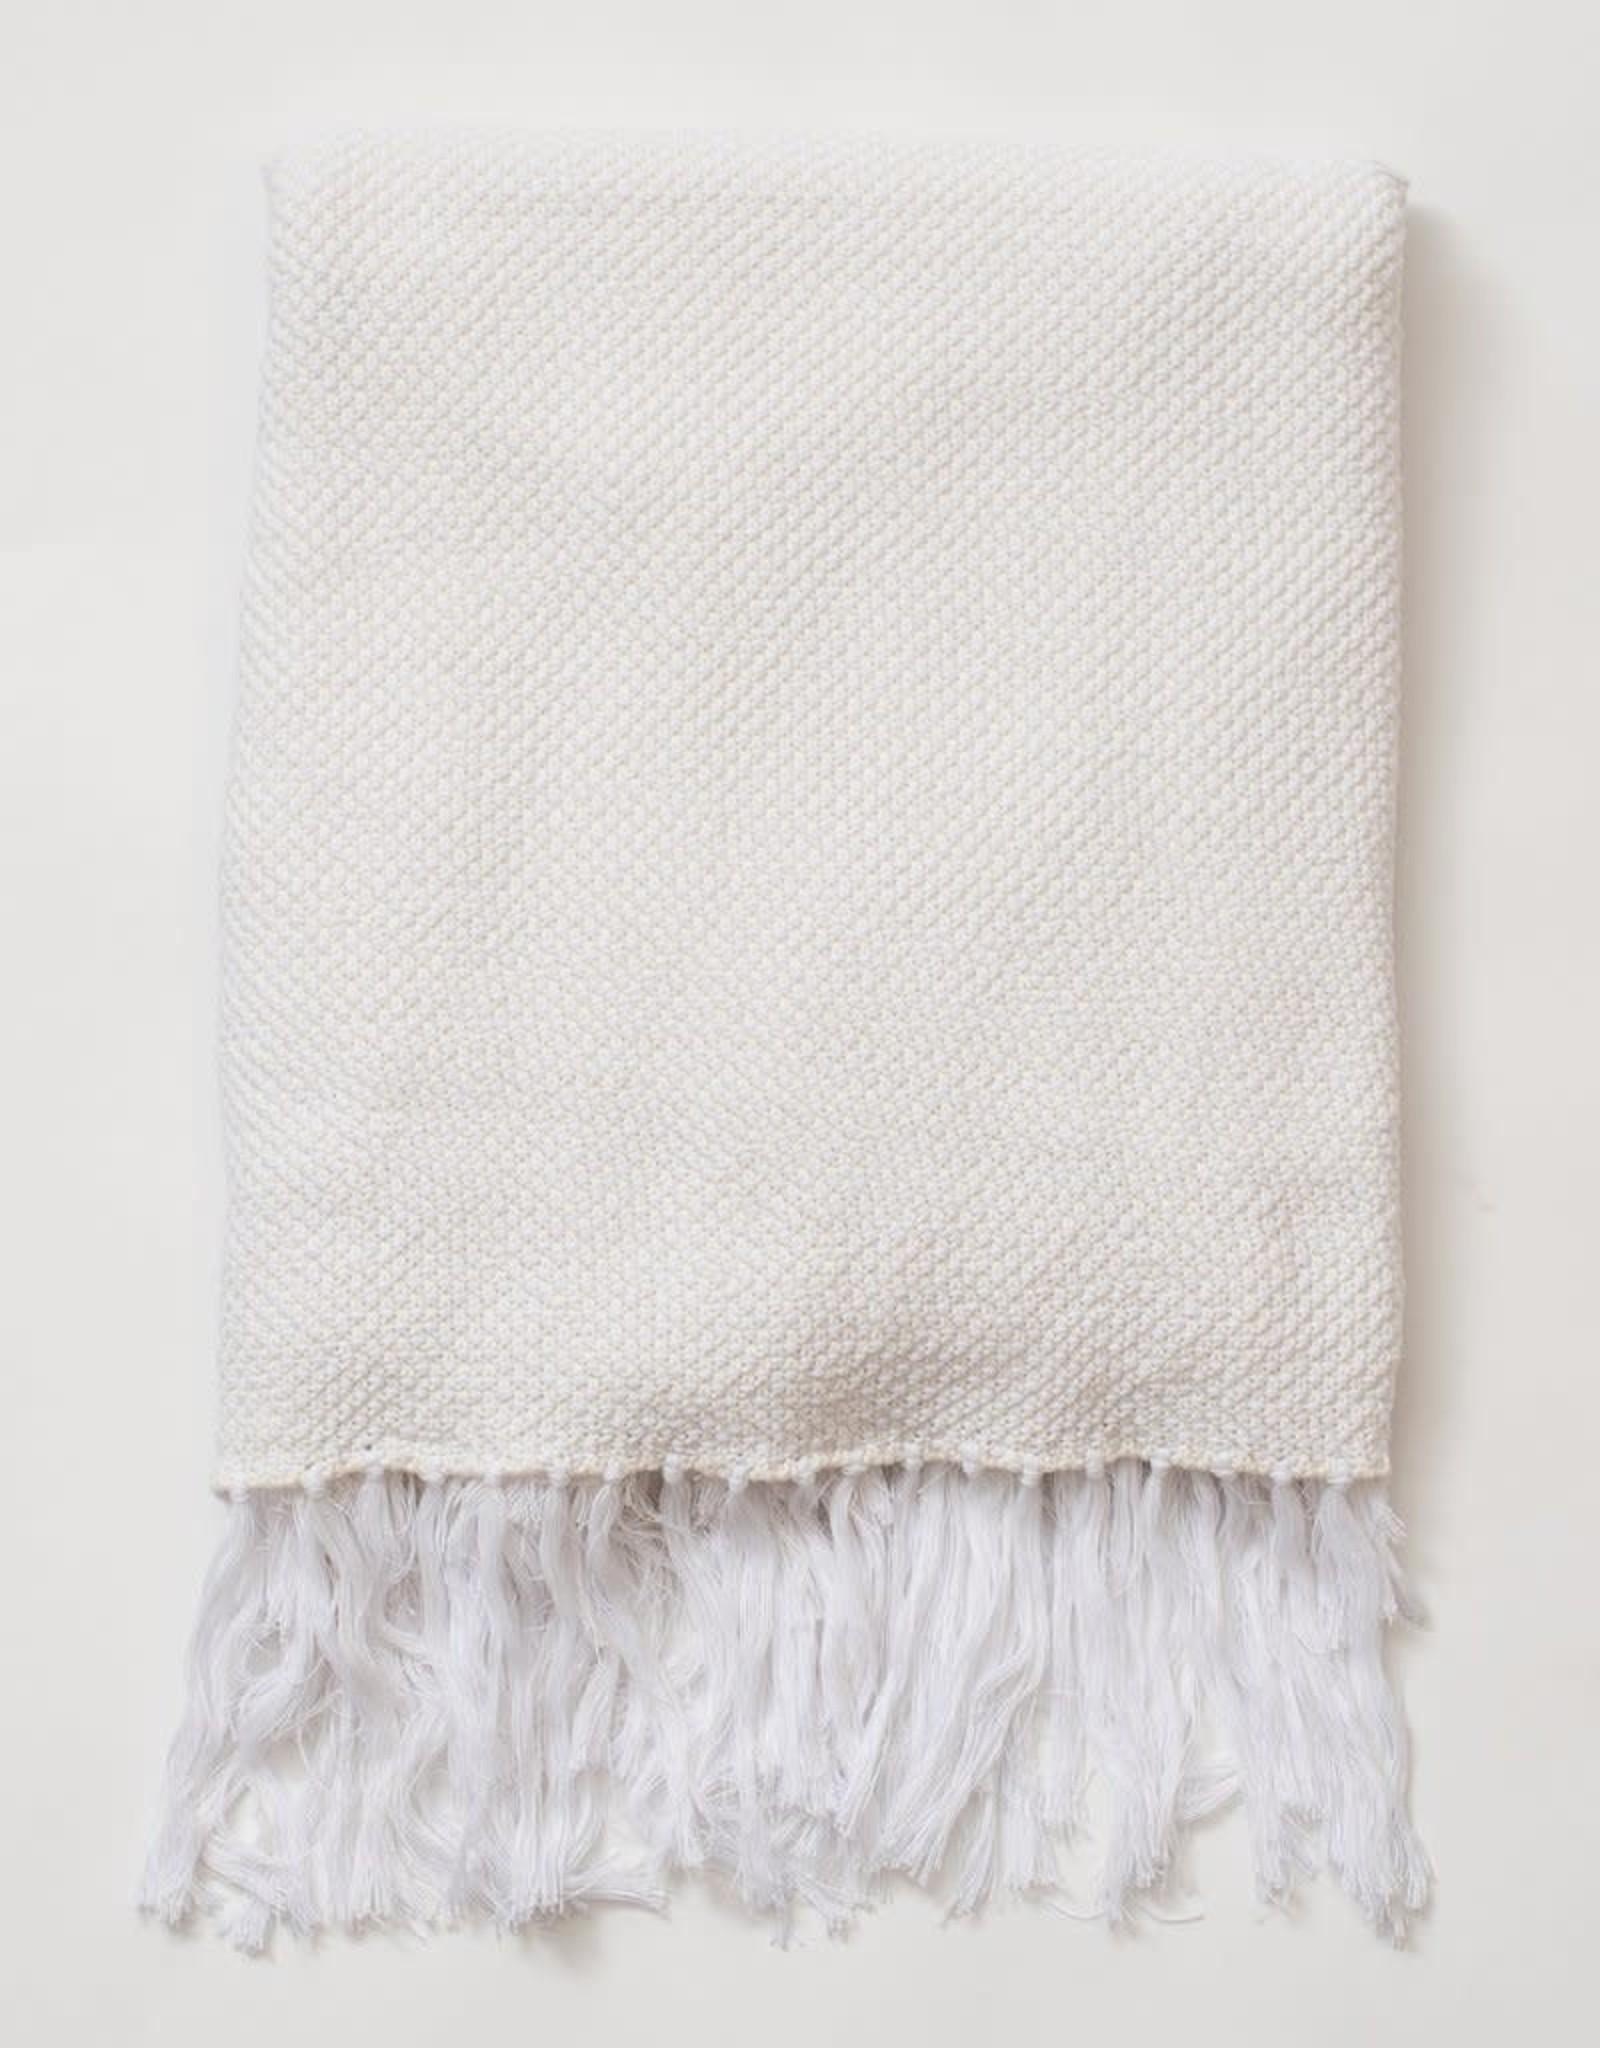 Zestt Essential Knit Throw - White